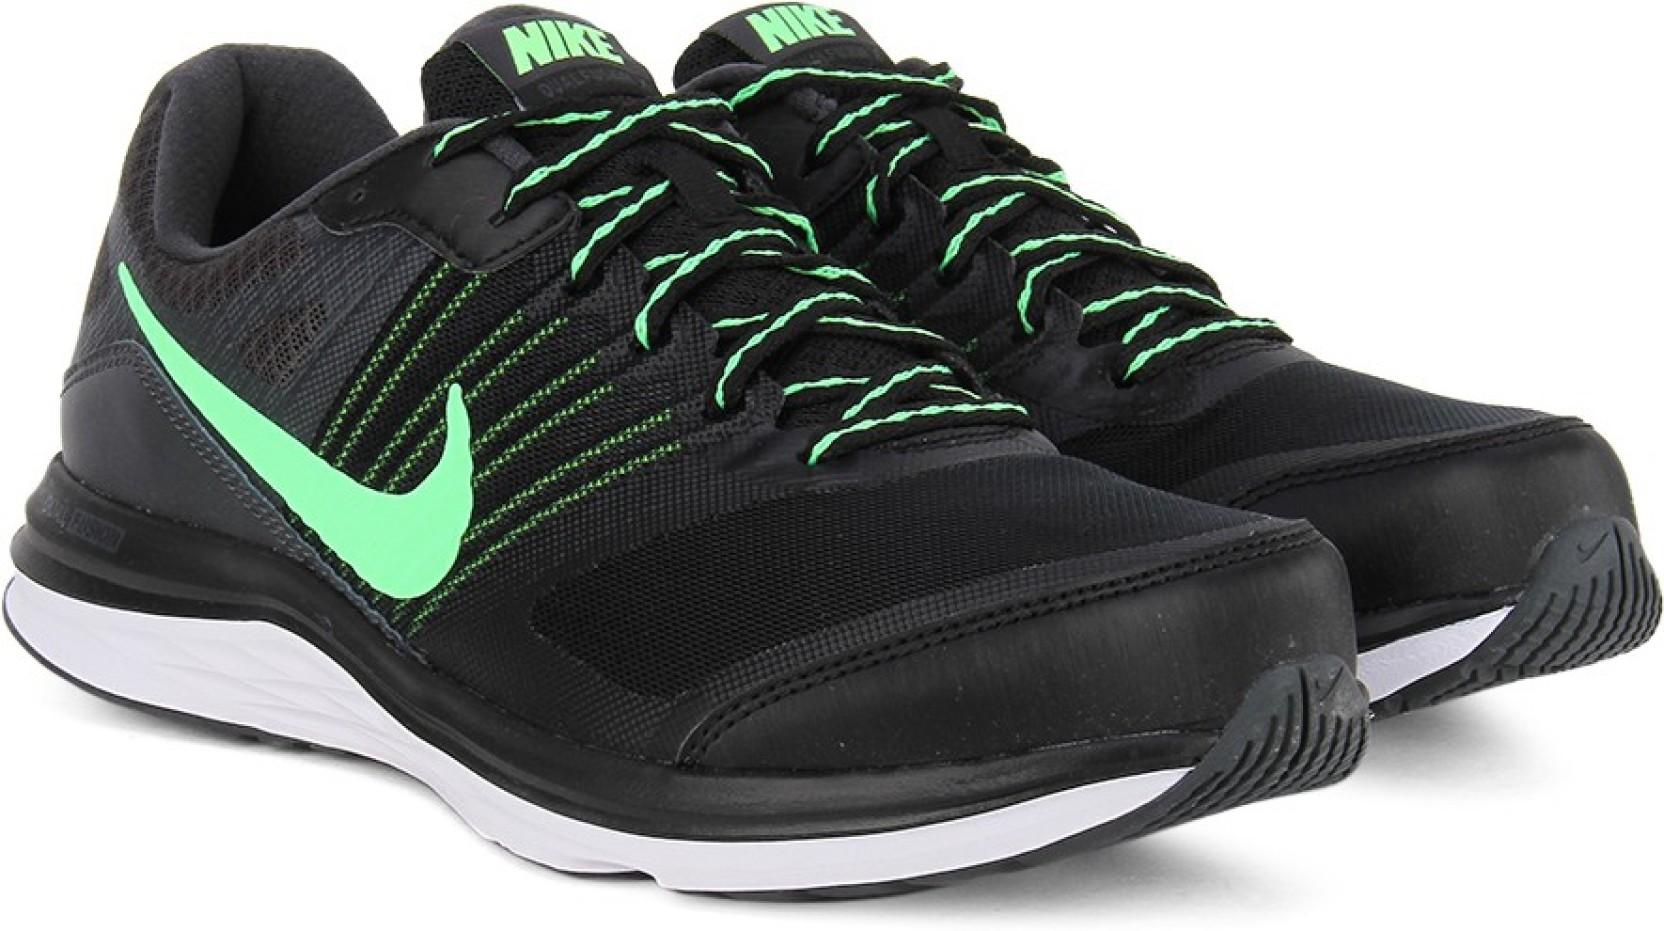 Nike Dual Fusion Running Shoes Flipkart